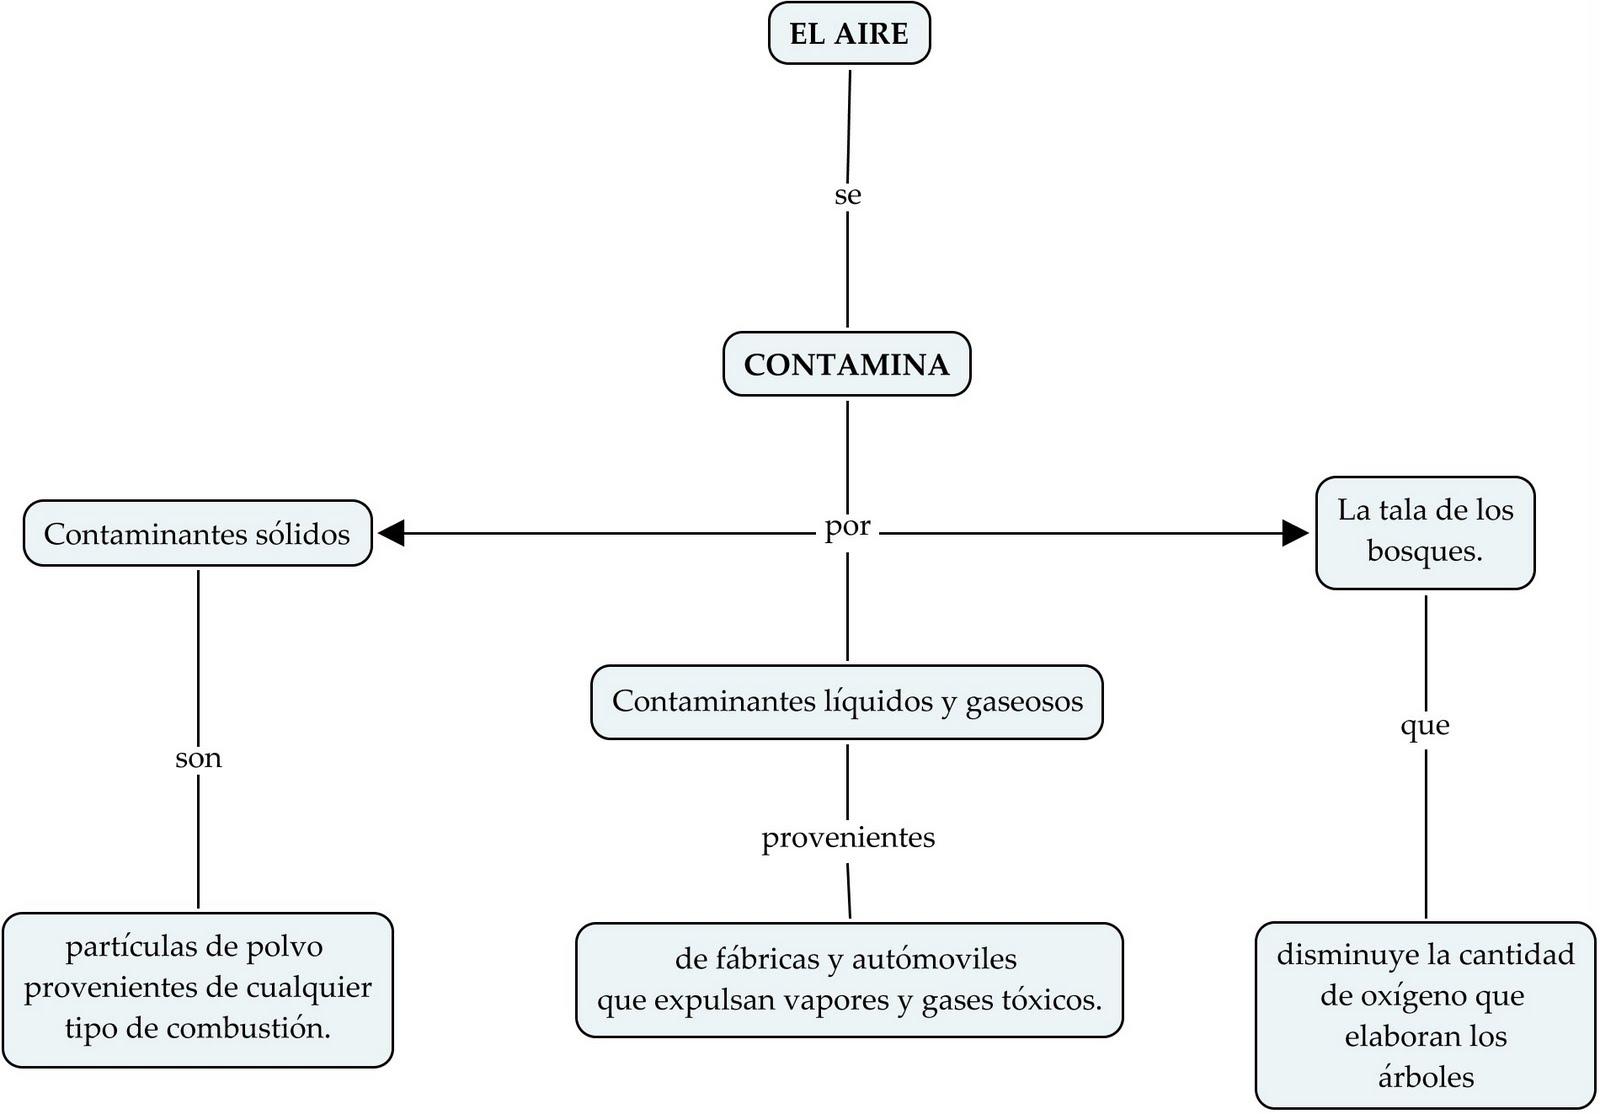 DESCUBRIDORES: mapa conceptual: contaminacion atmosferica